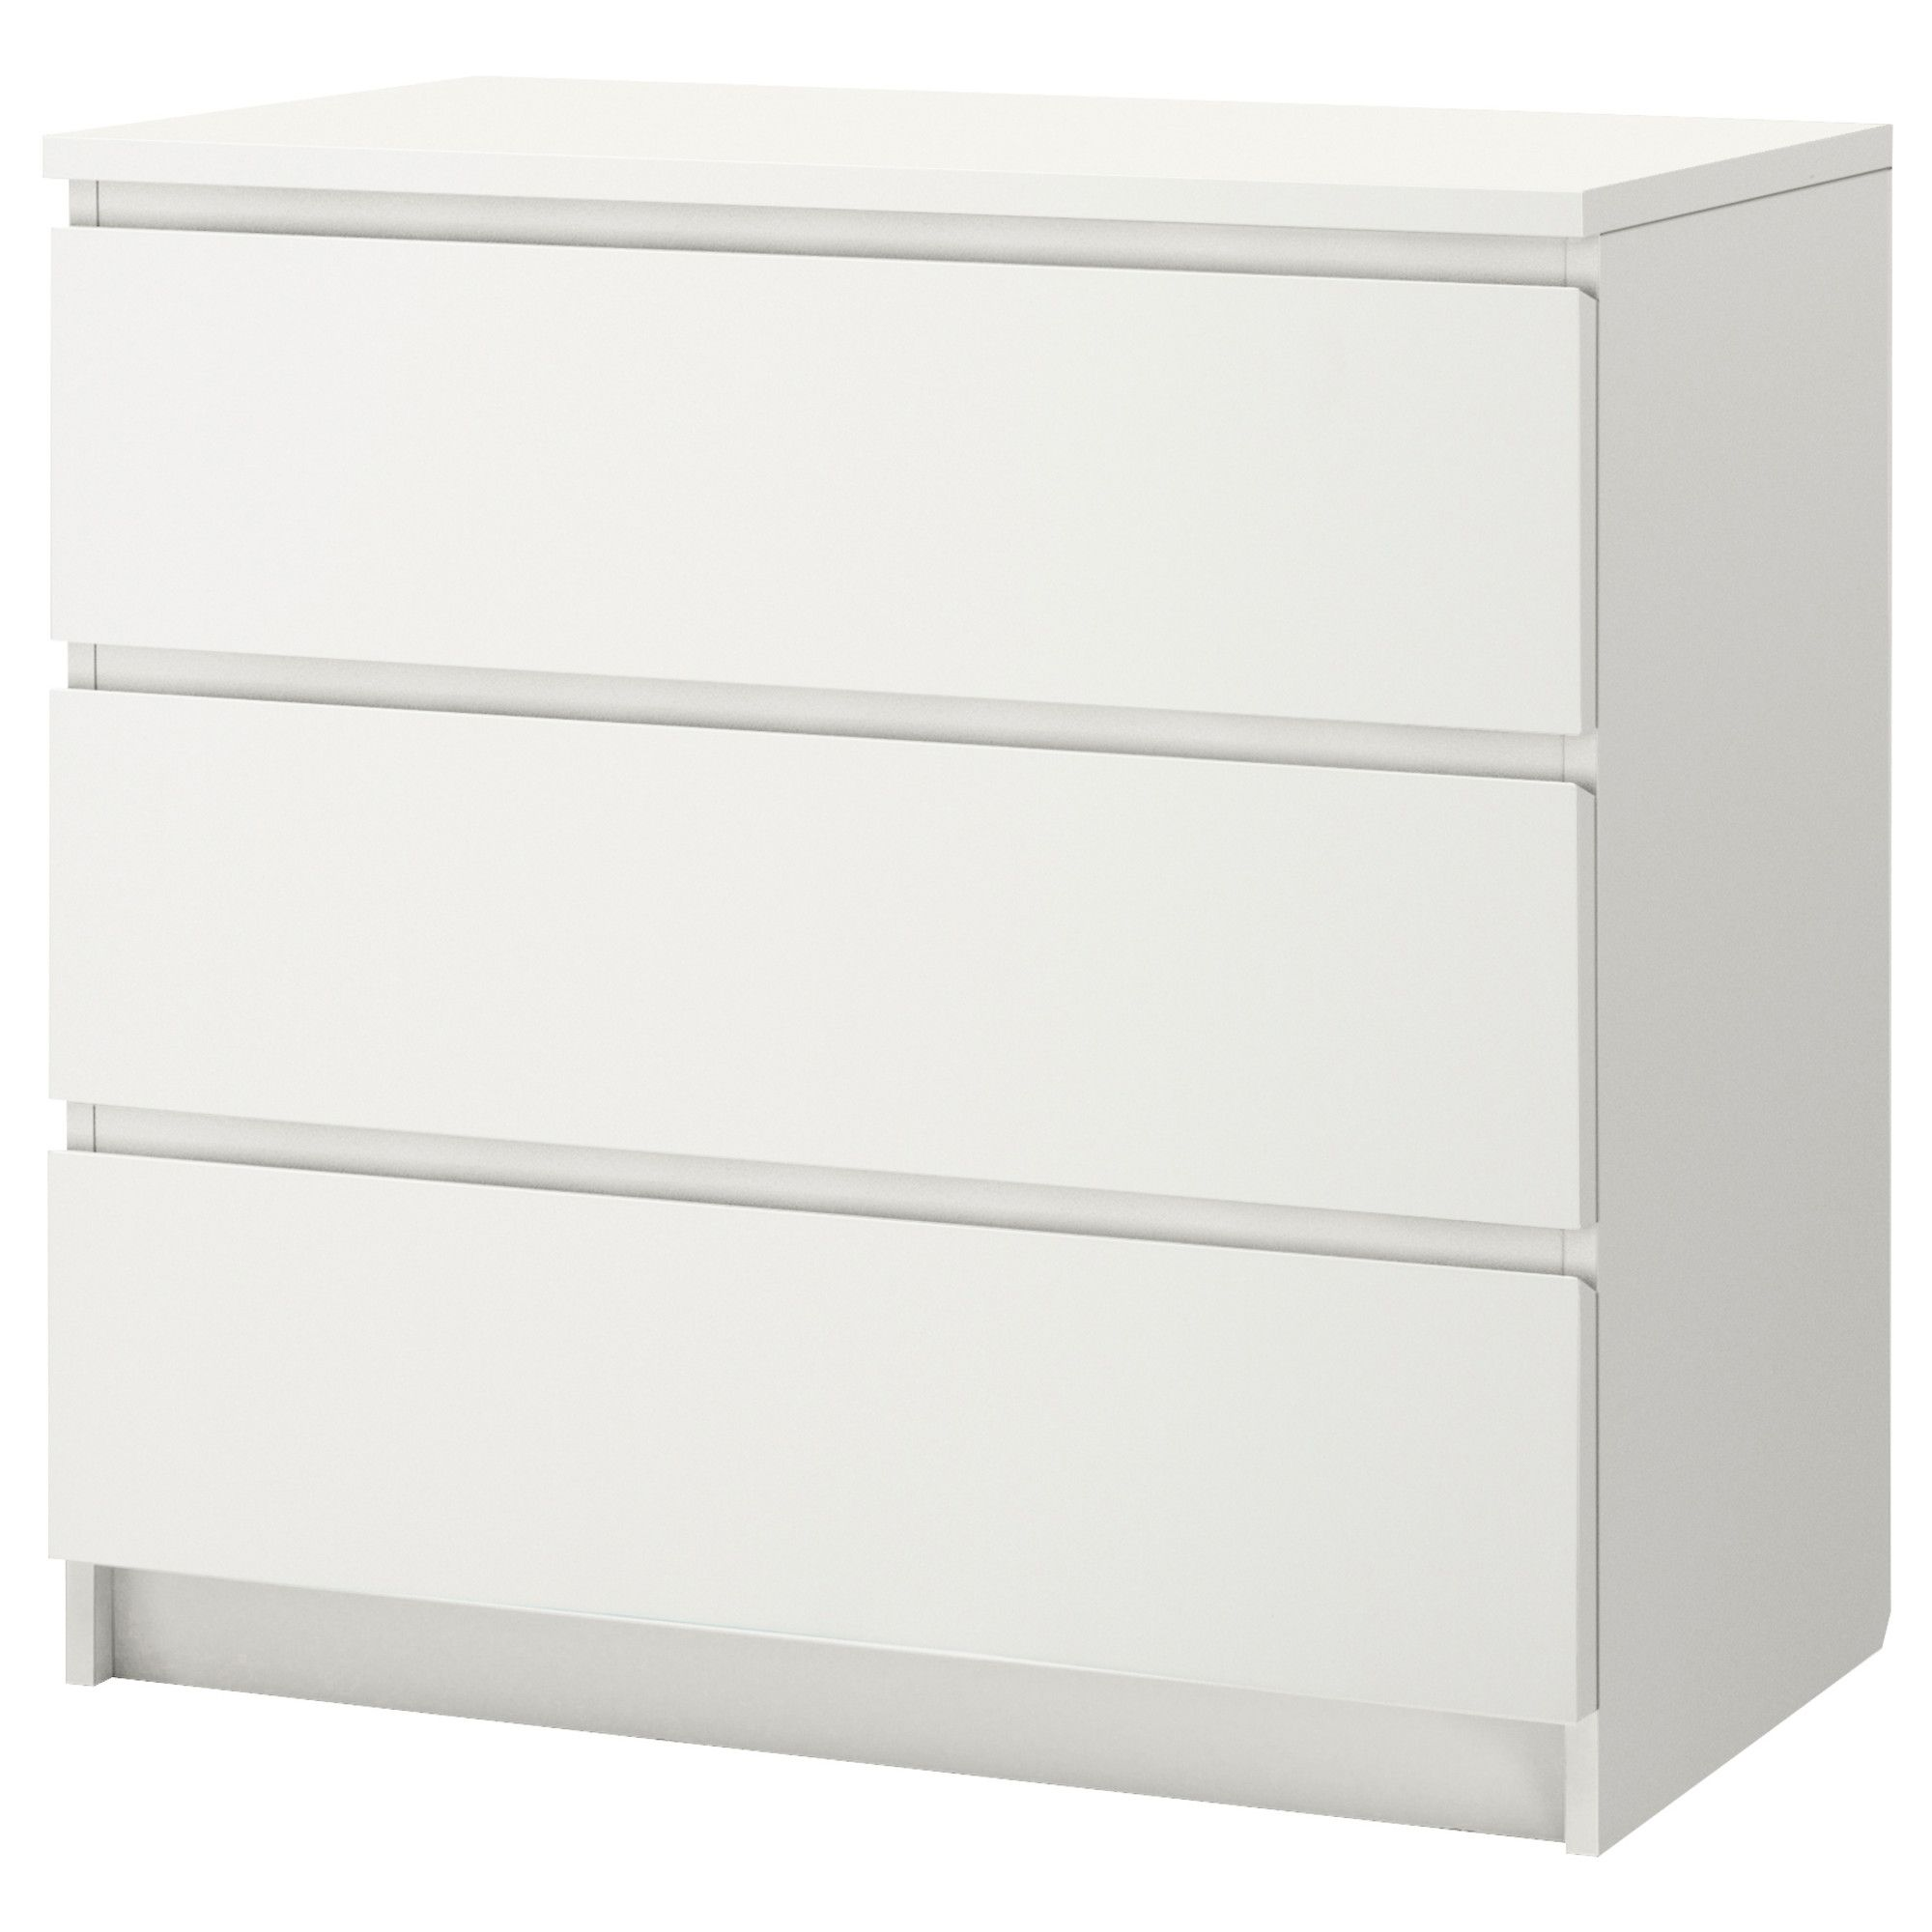 Kommode Mit Schiebetüren Ikea 2021